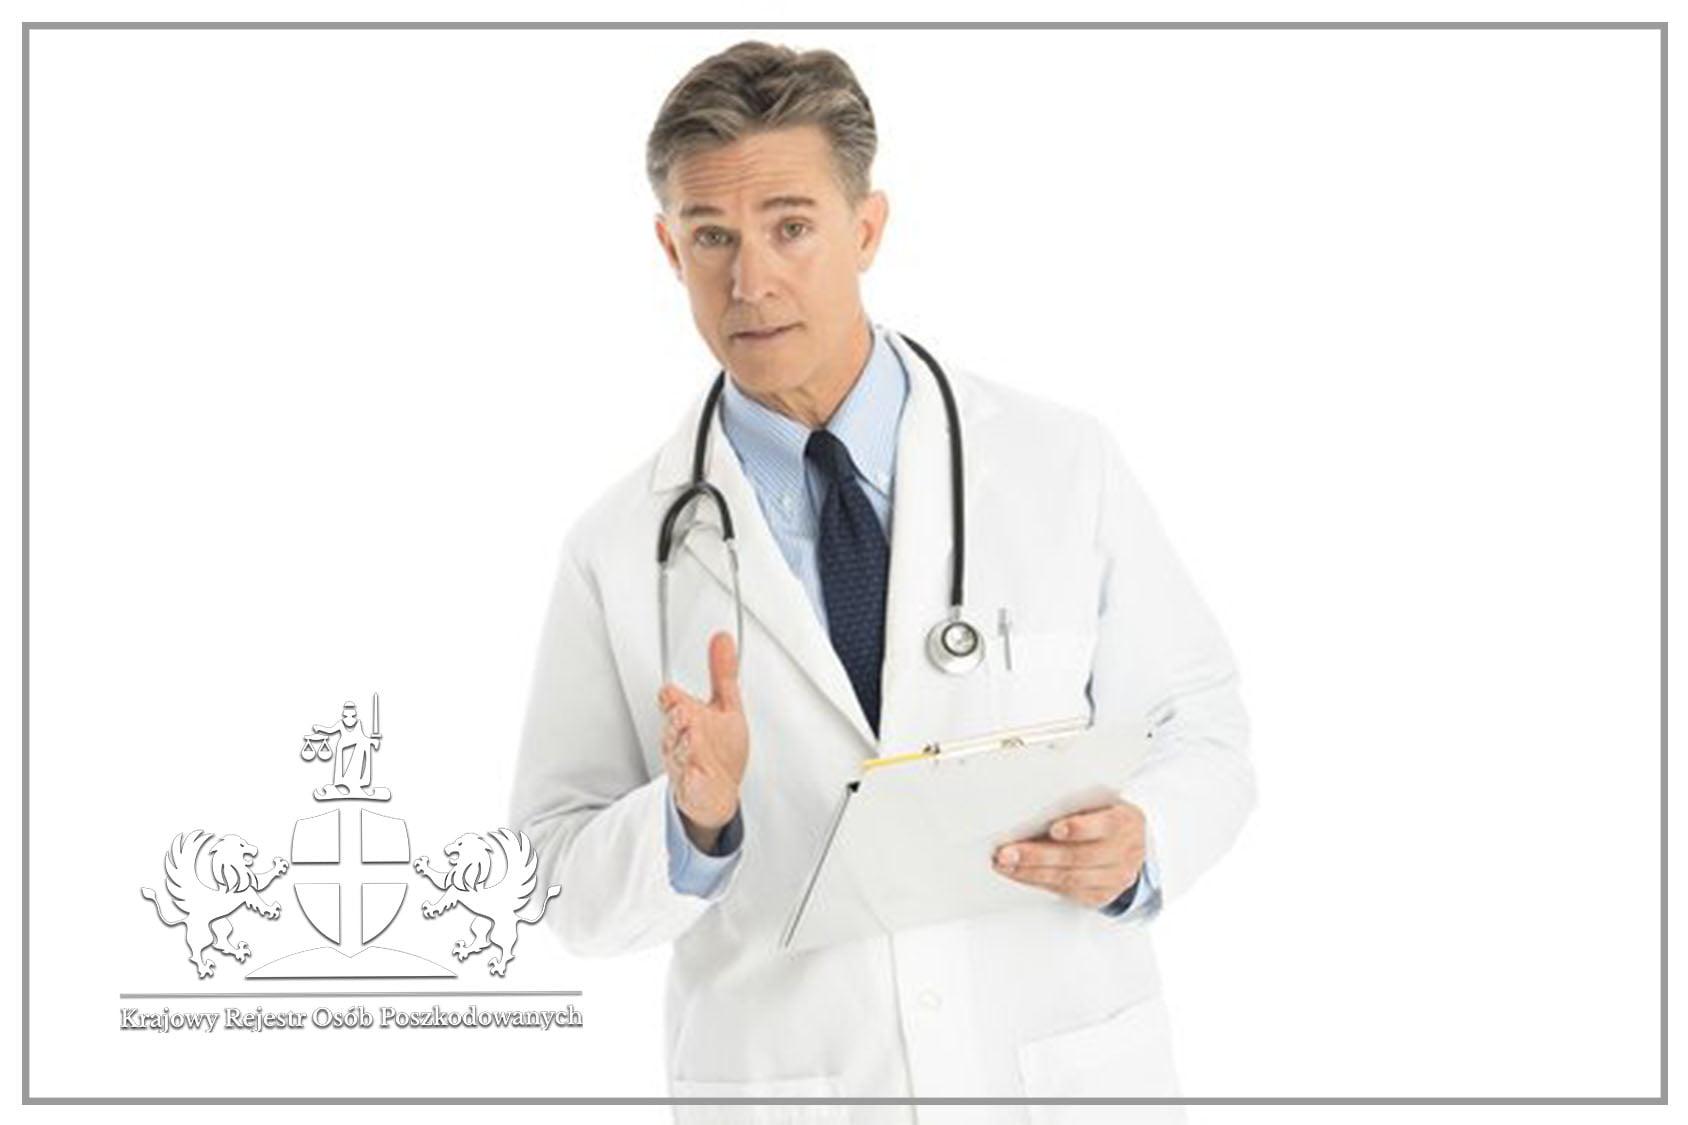 Wysokość zadośćuczynienia za wykonanie zabiegu leczniczego bez zgody pacjenta